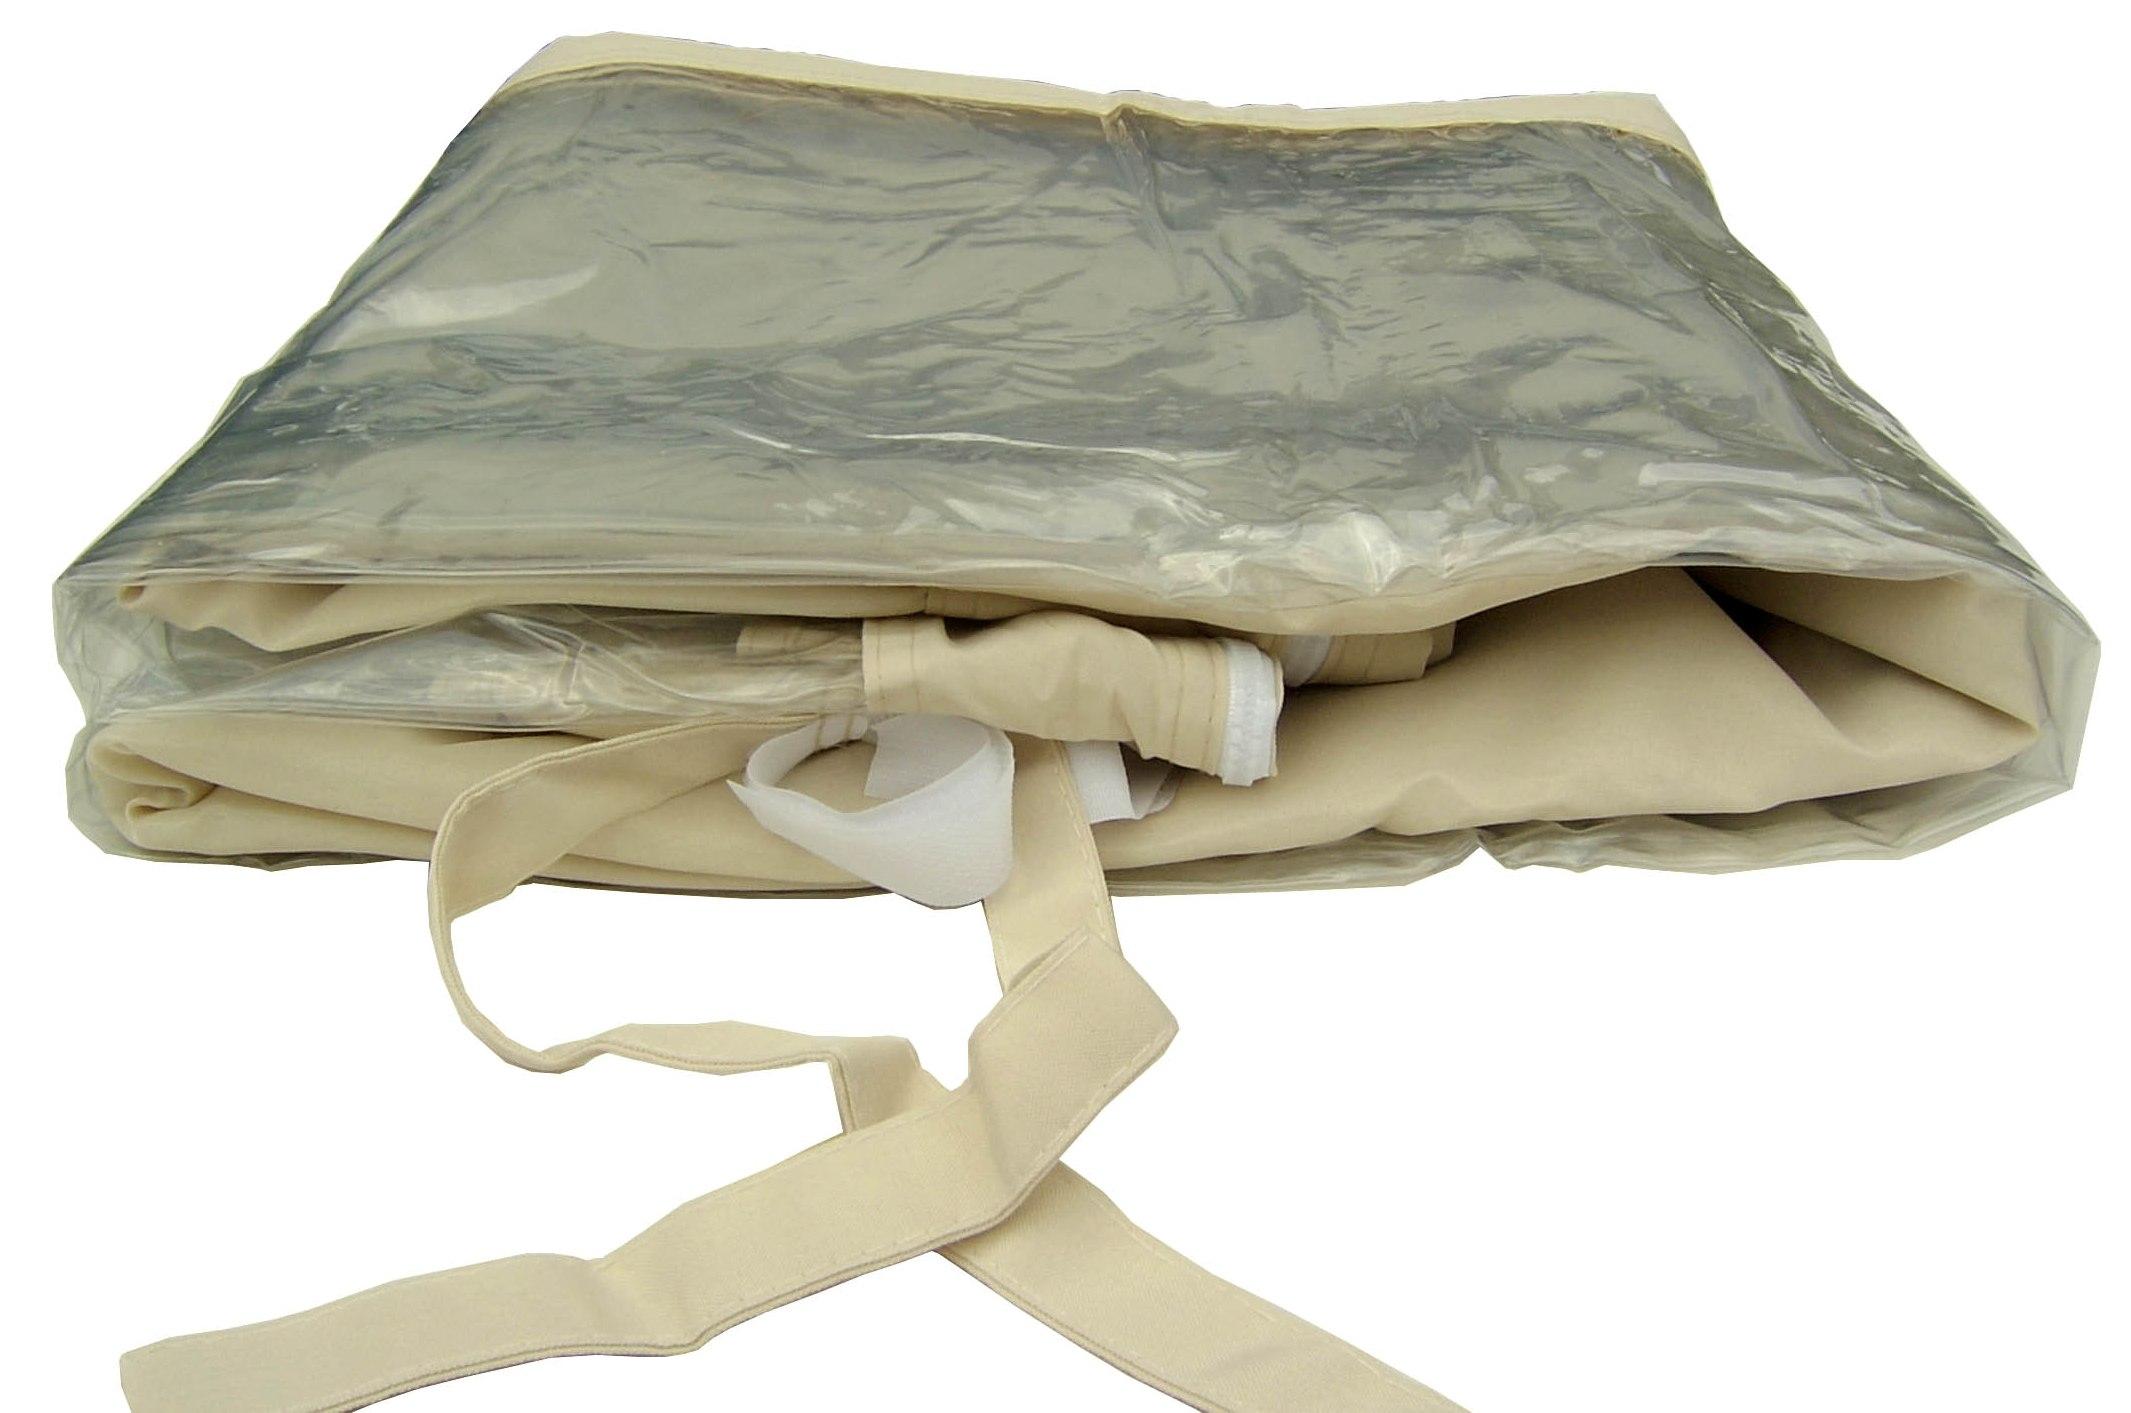 2 seitenteile f r pavillon 3x3 seitenw nde beige sand mit. Black Bedroom Furniture Sets. Home Design Ideas